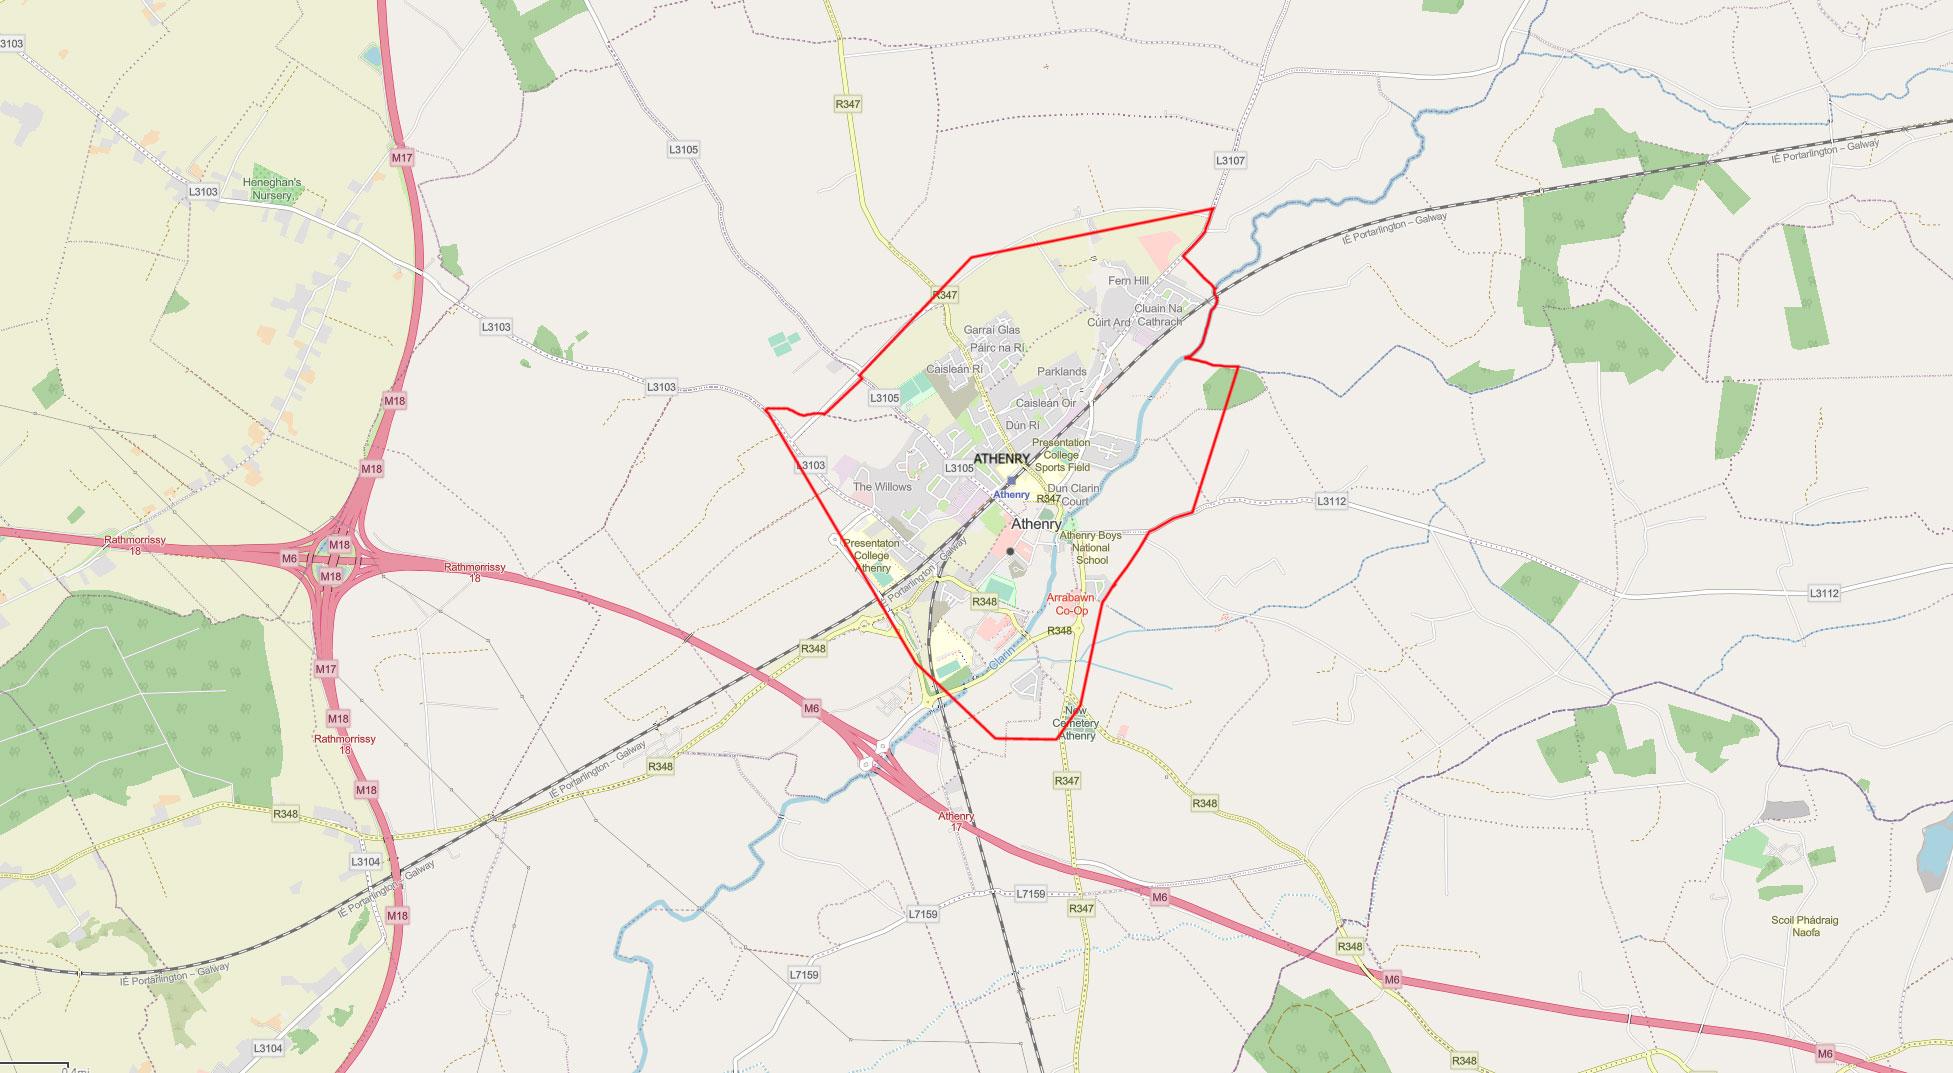 solar-panels-athenry-galway-ireland-map-img